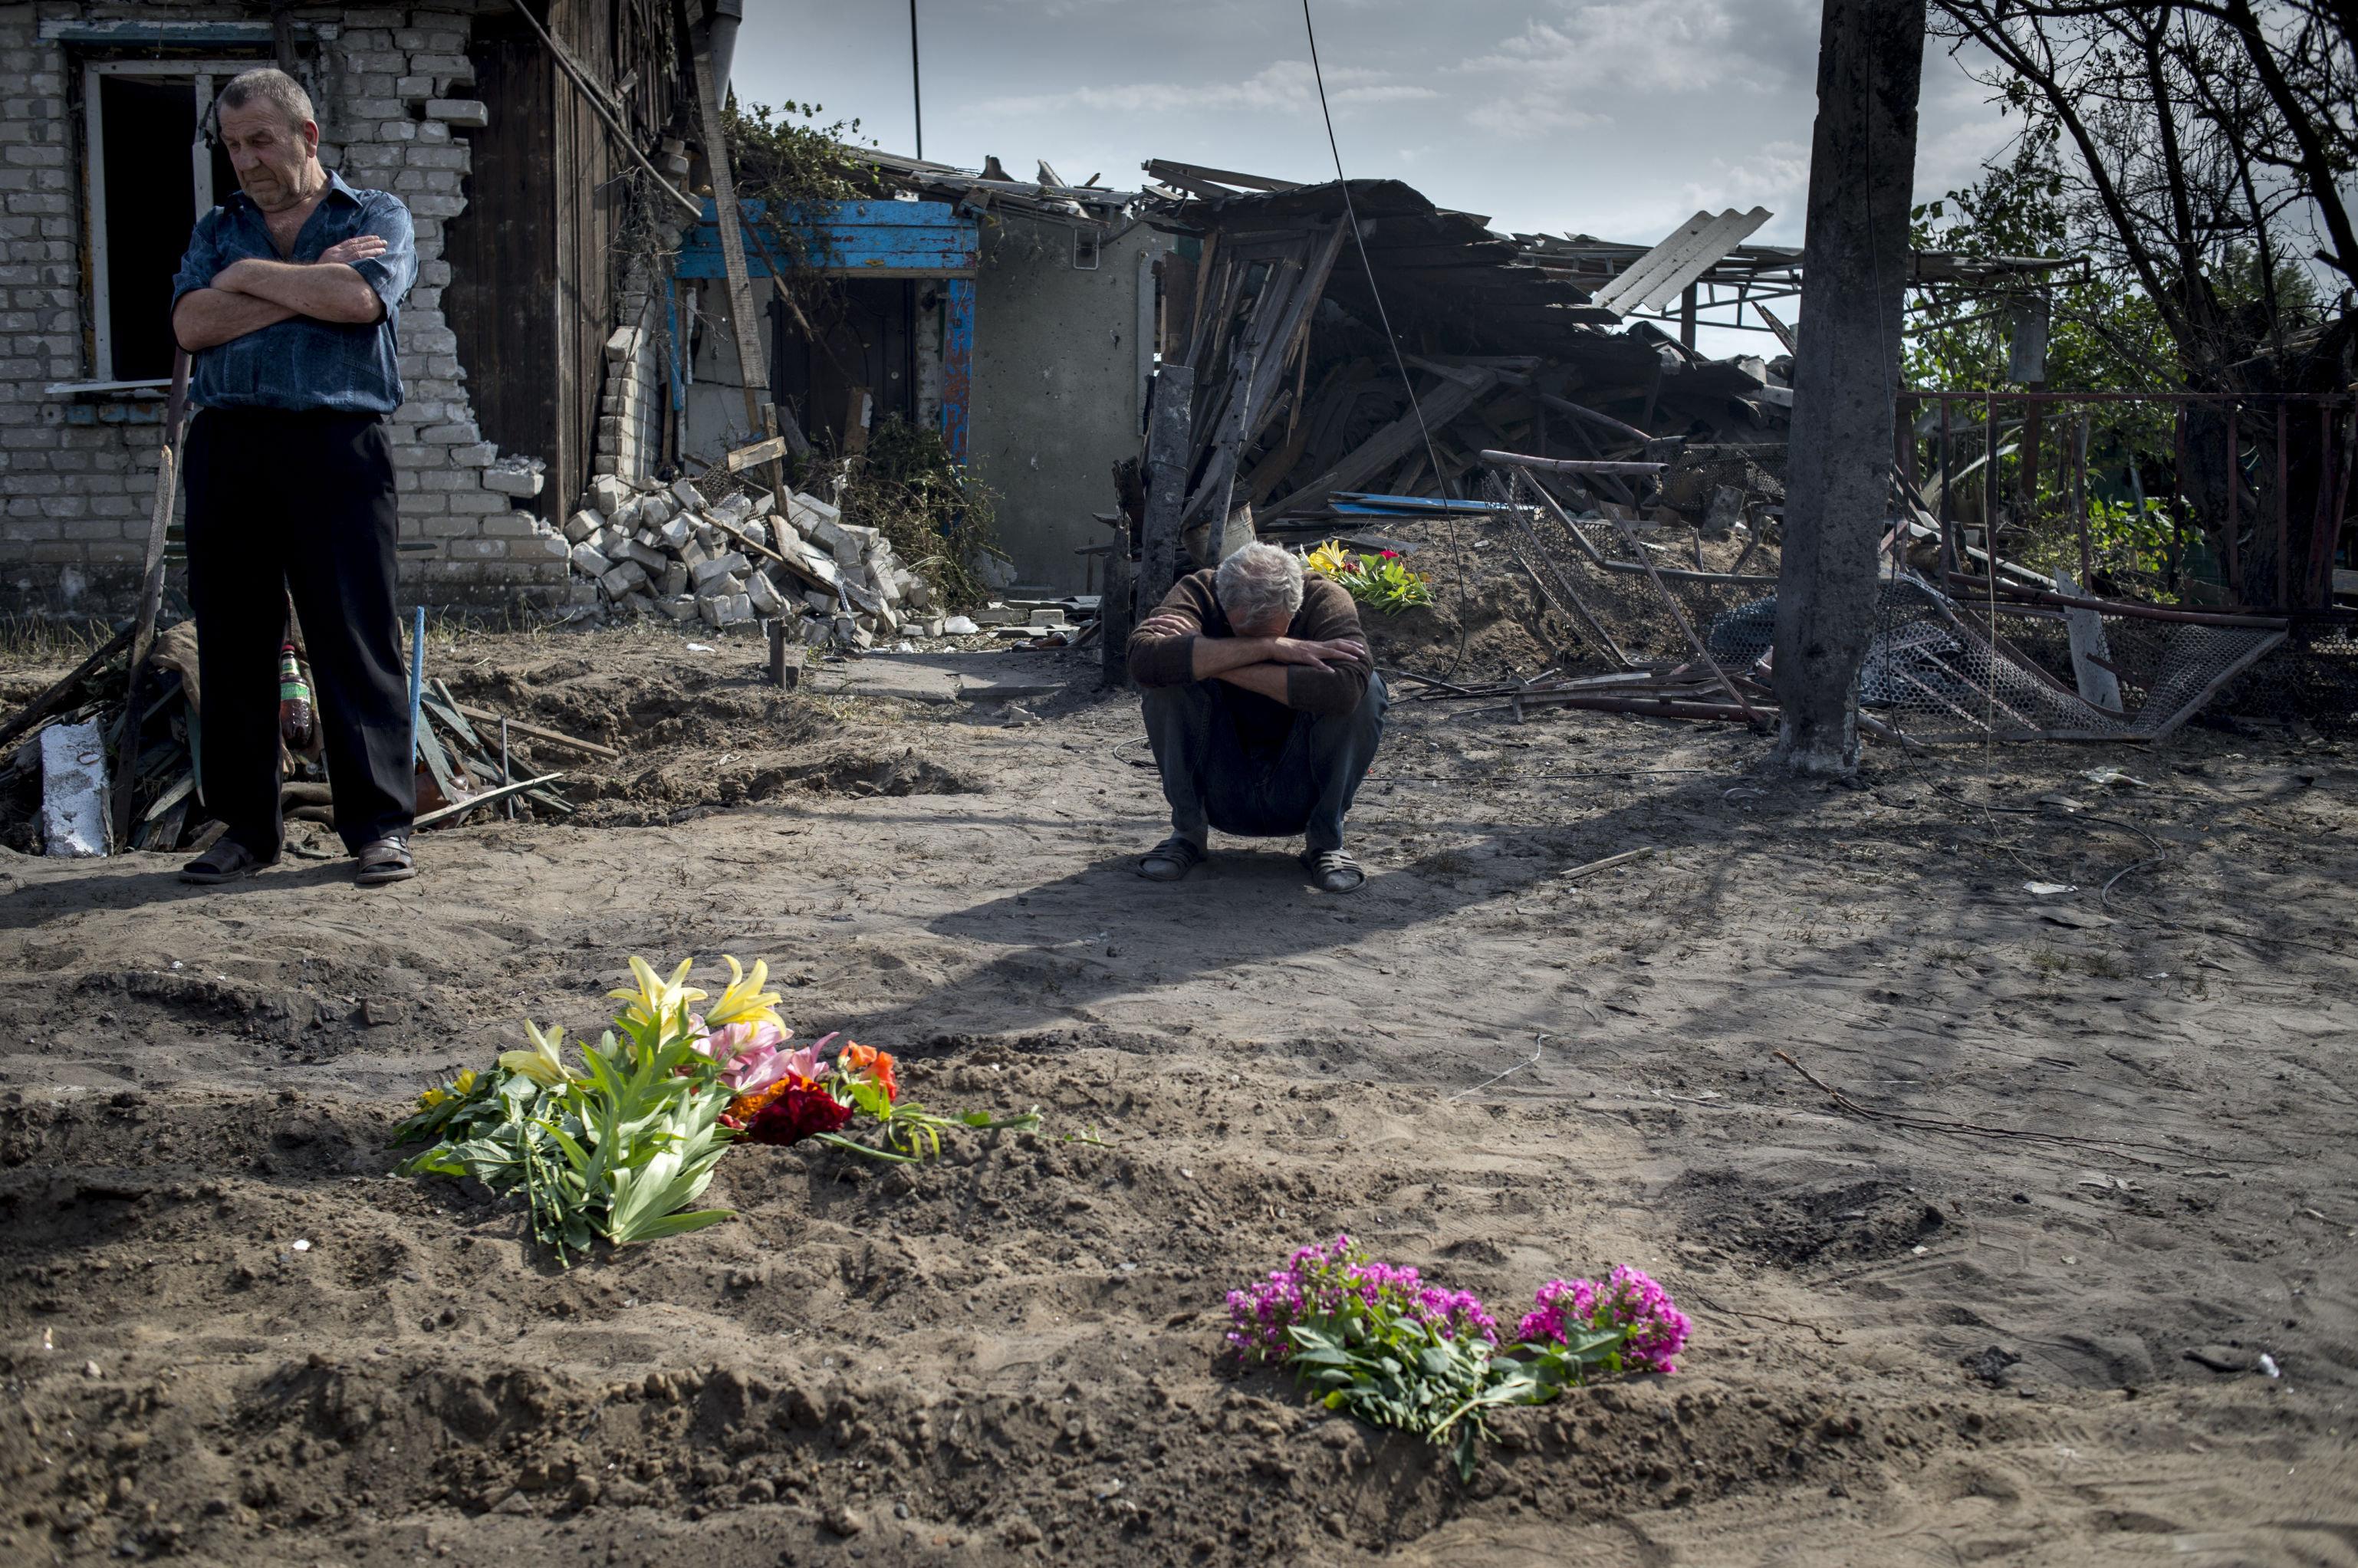 Les jours noirs de l'Ukraine, Valery Melnikov